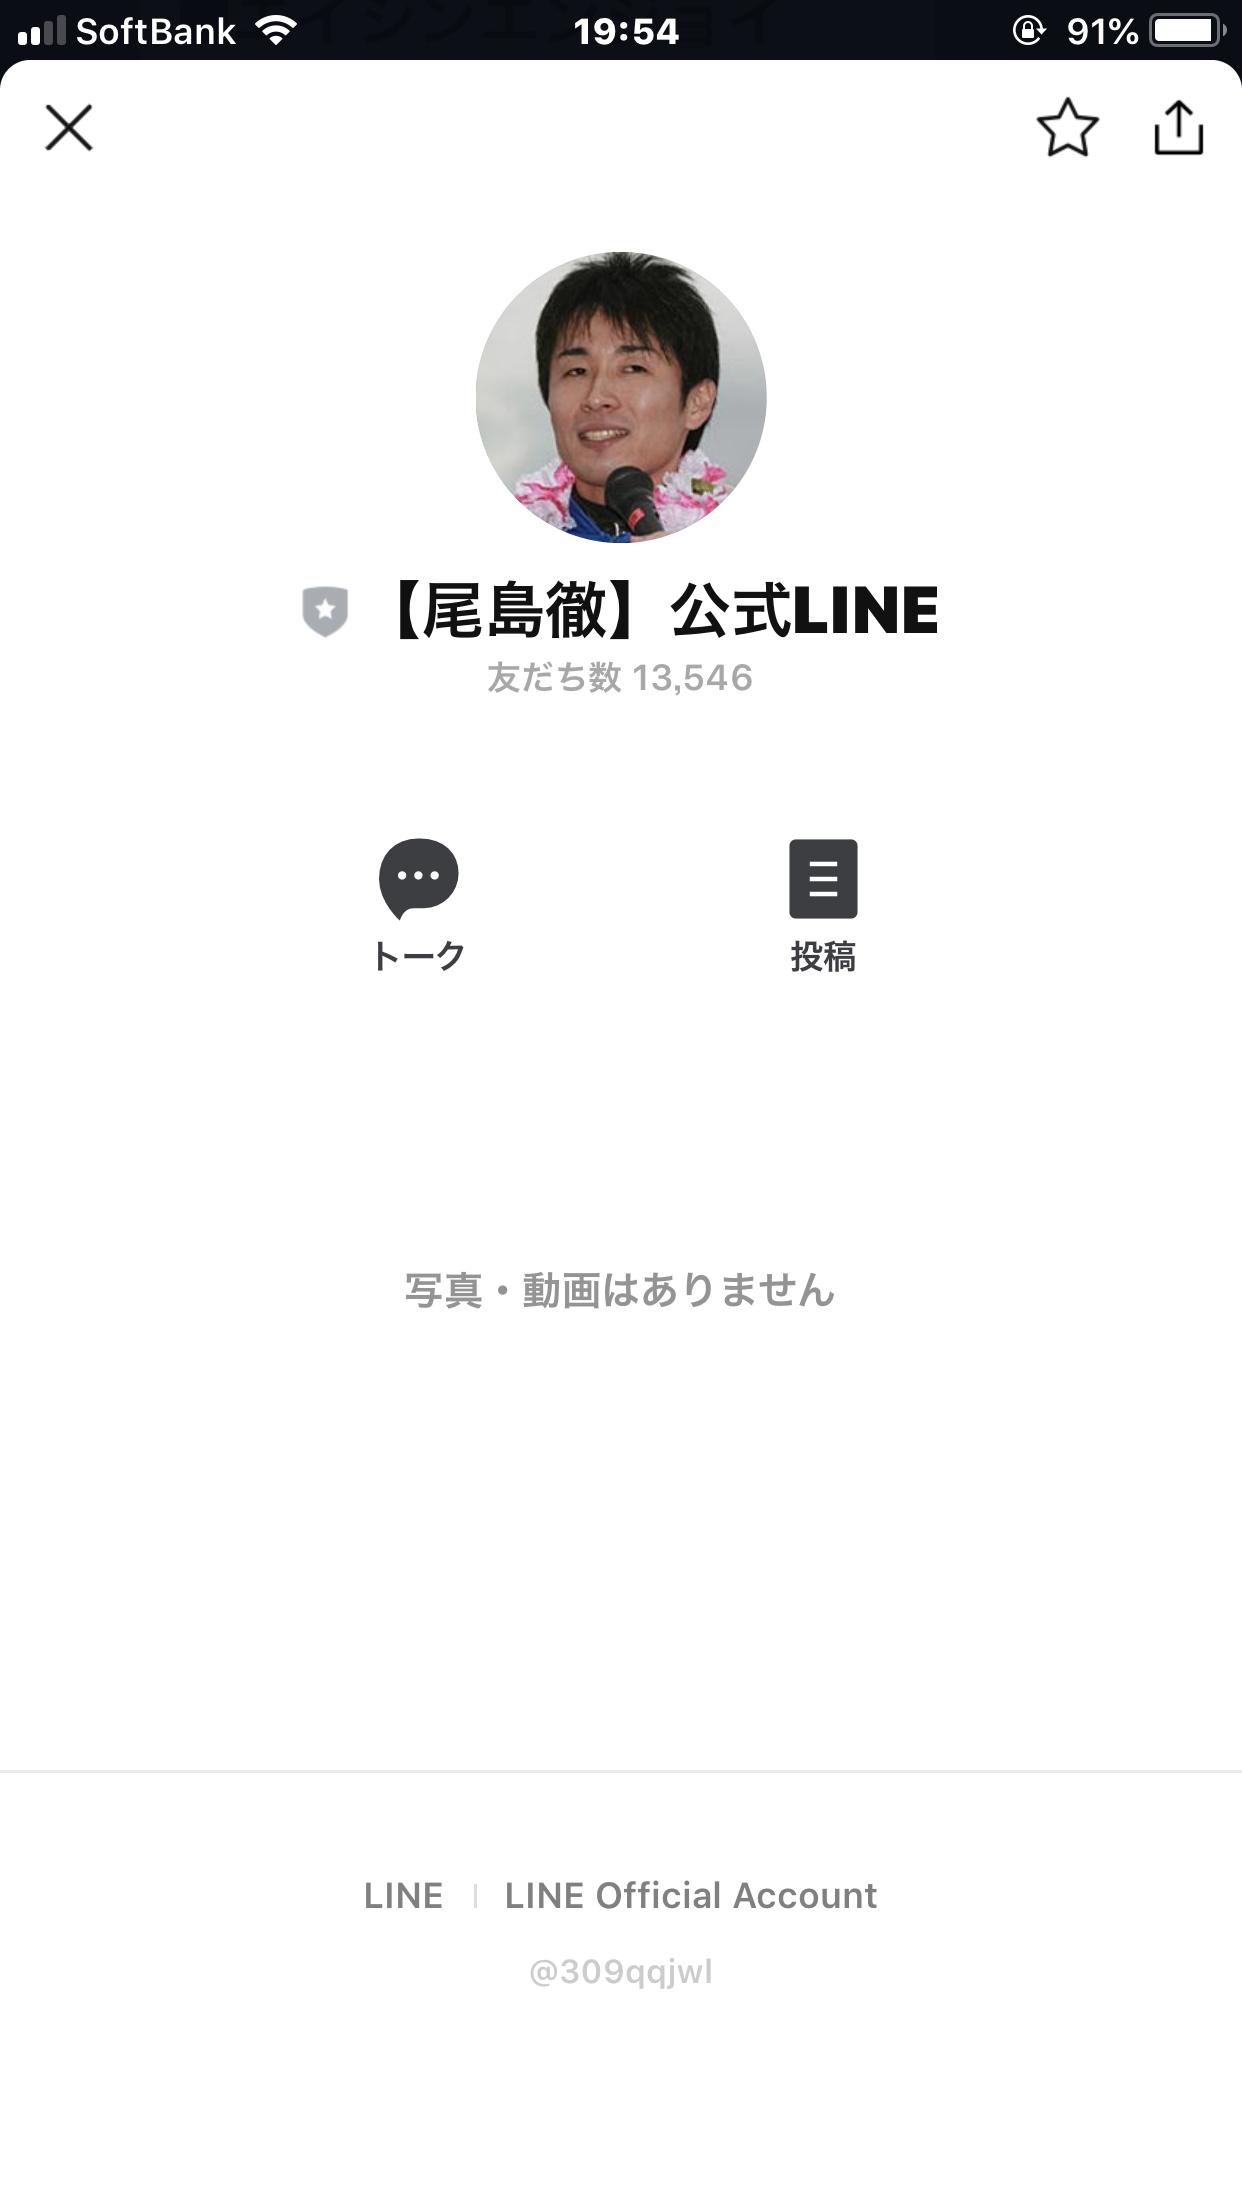 【尾島徹】公式ライン@の口コミ・評判・評価